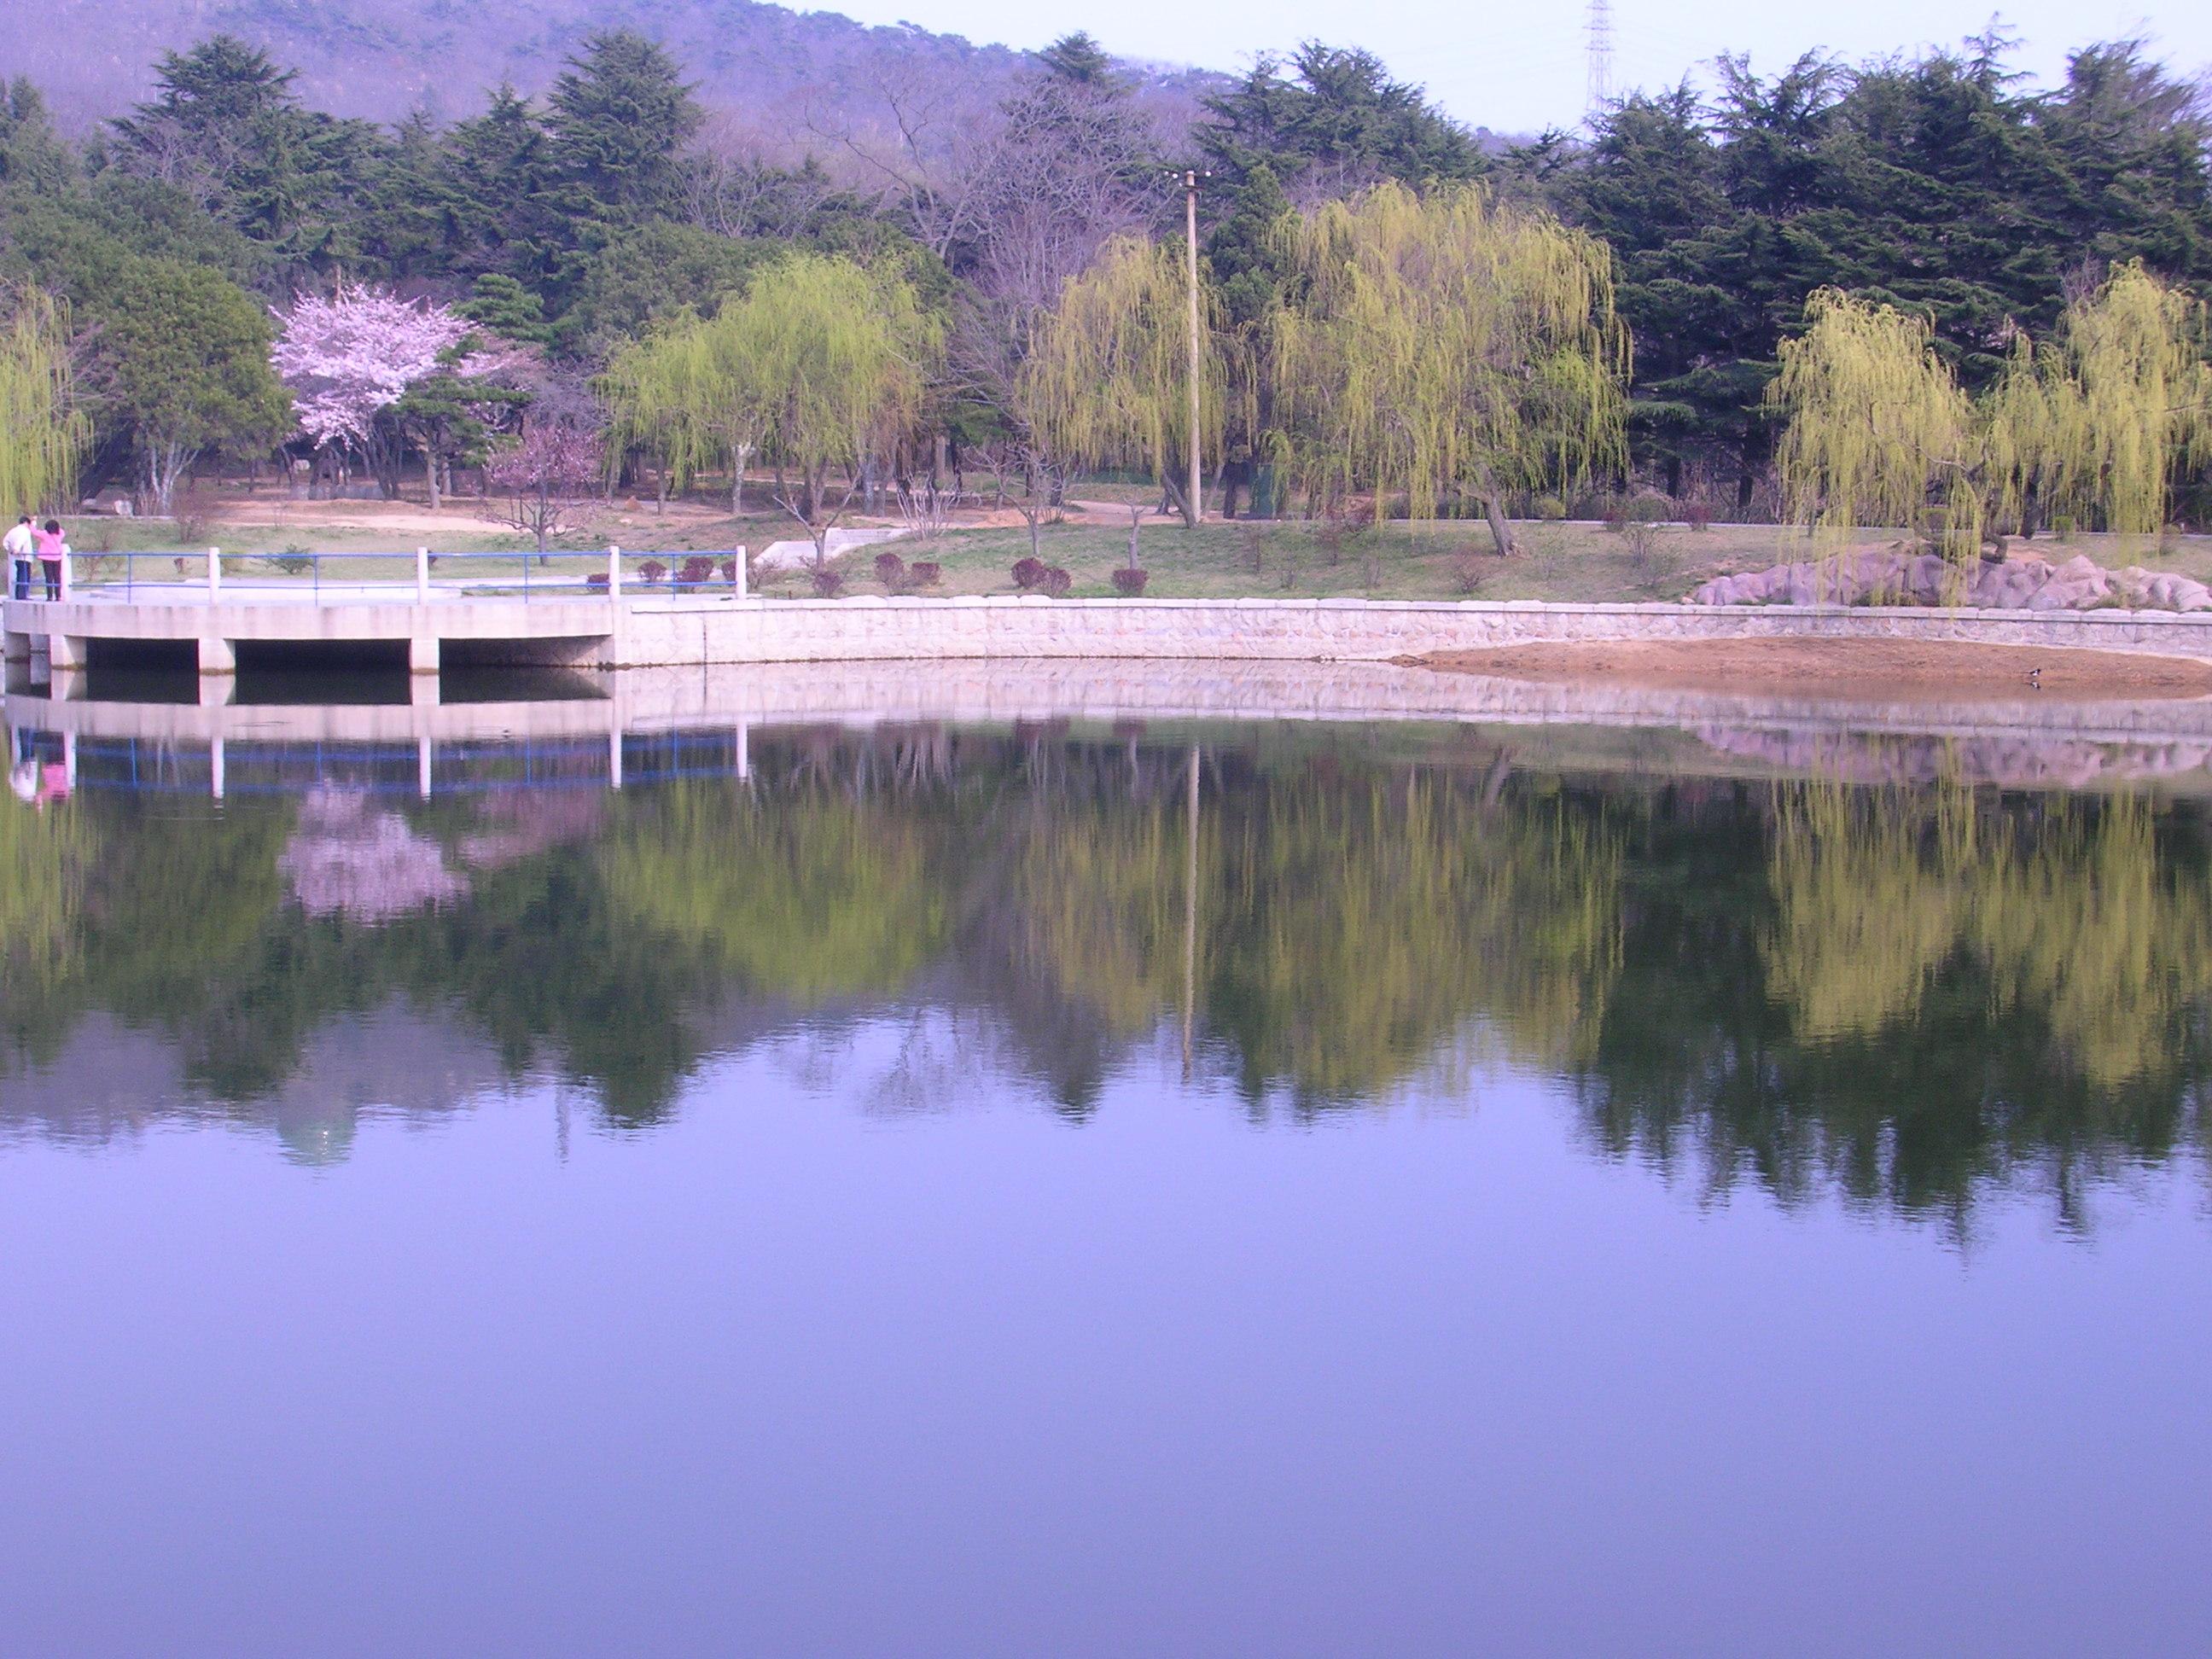 zhongshan park, qingdao, chine